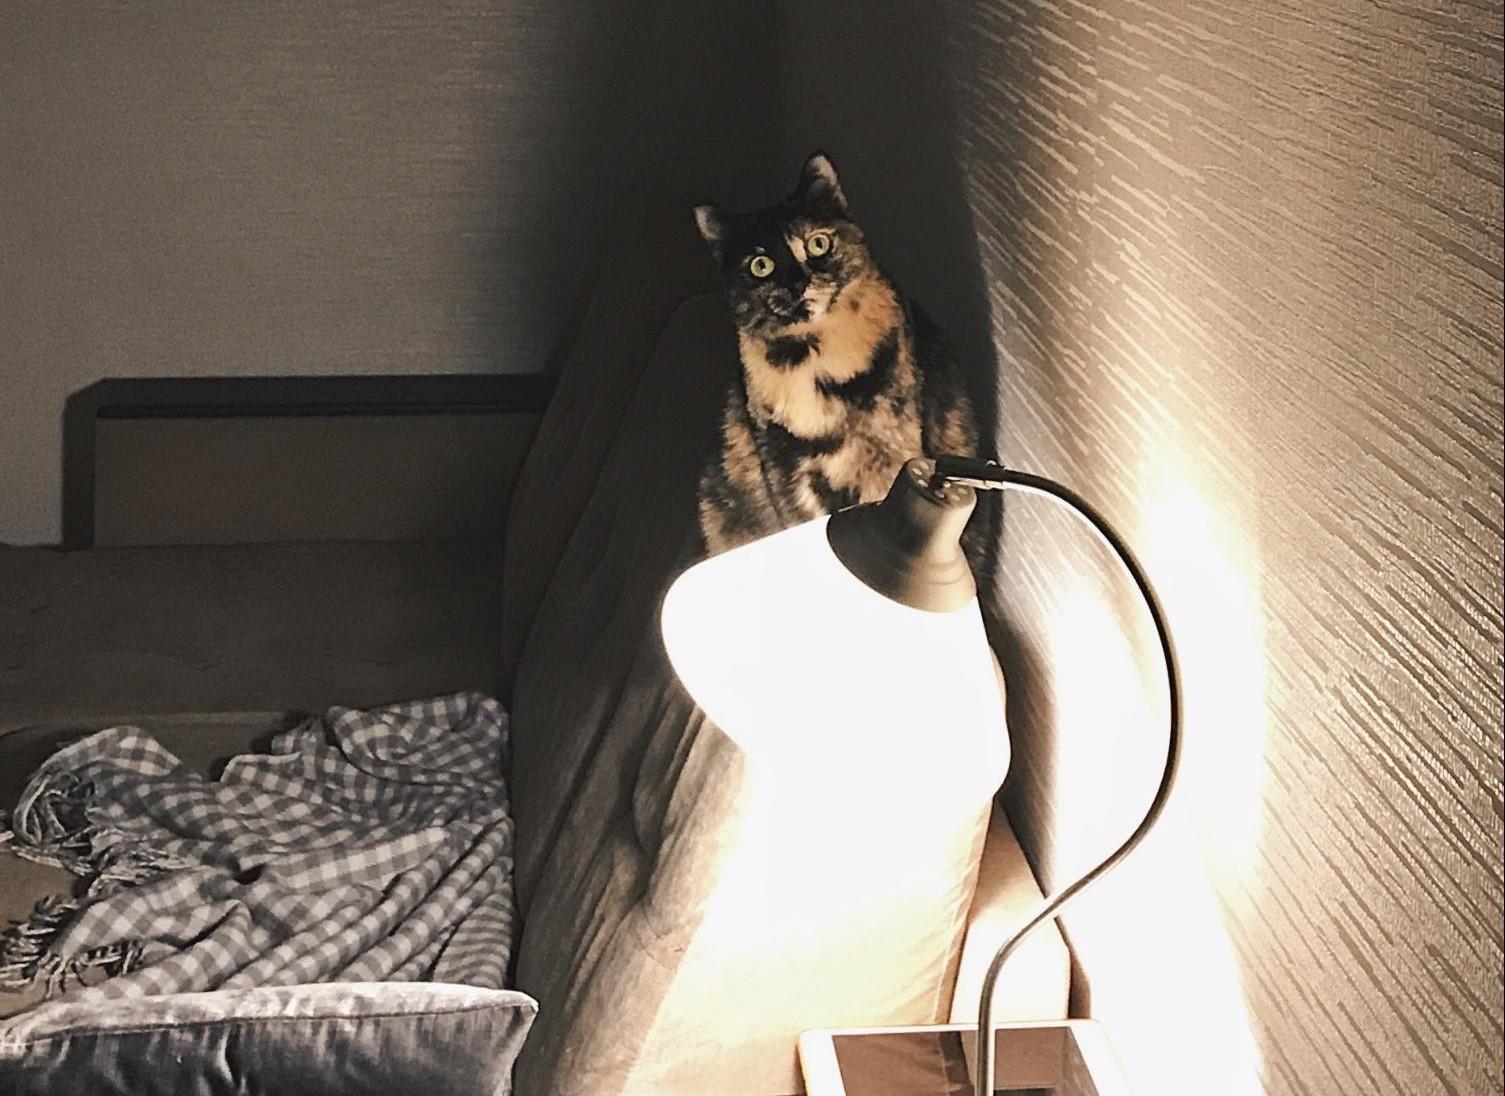 Это Ева, кошка редактора Вики. Она ждет ваших историй